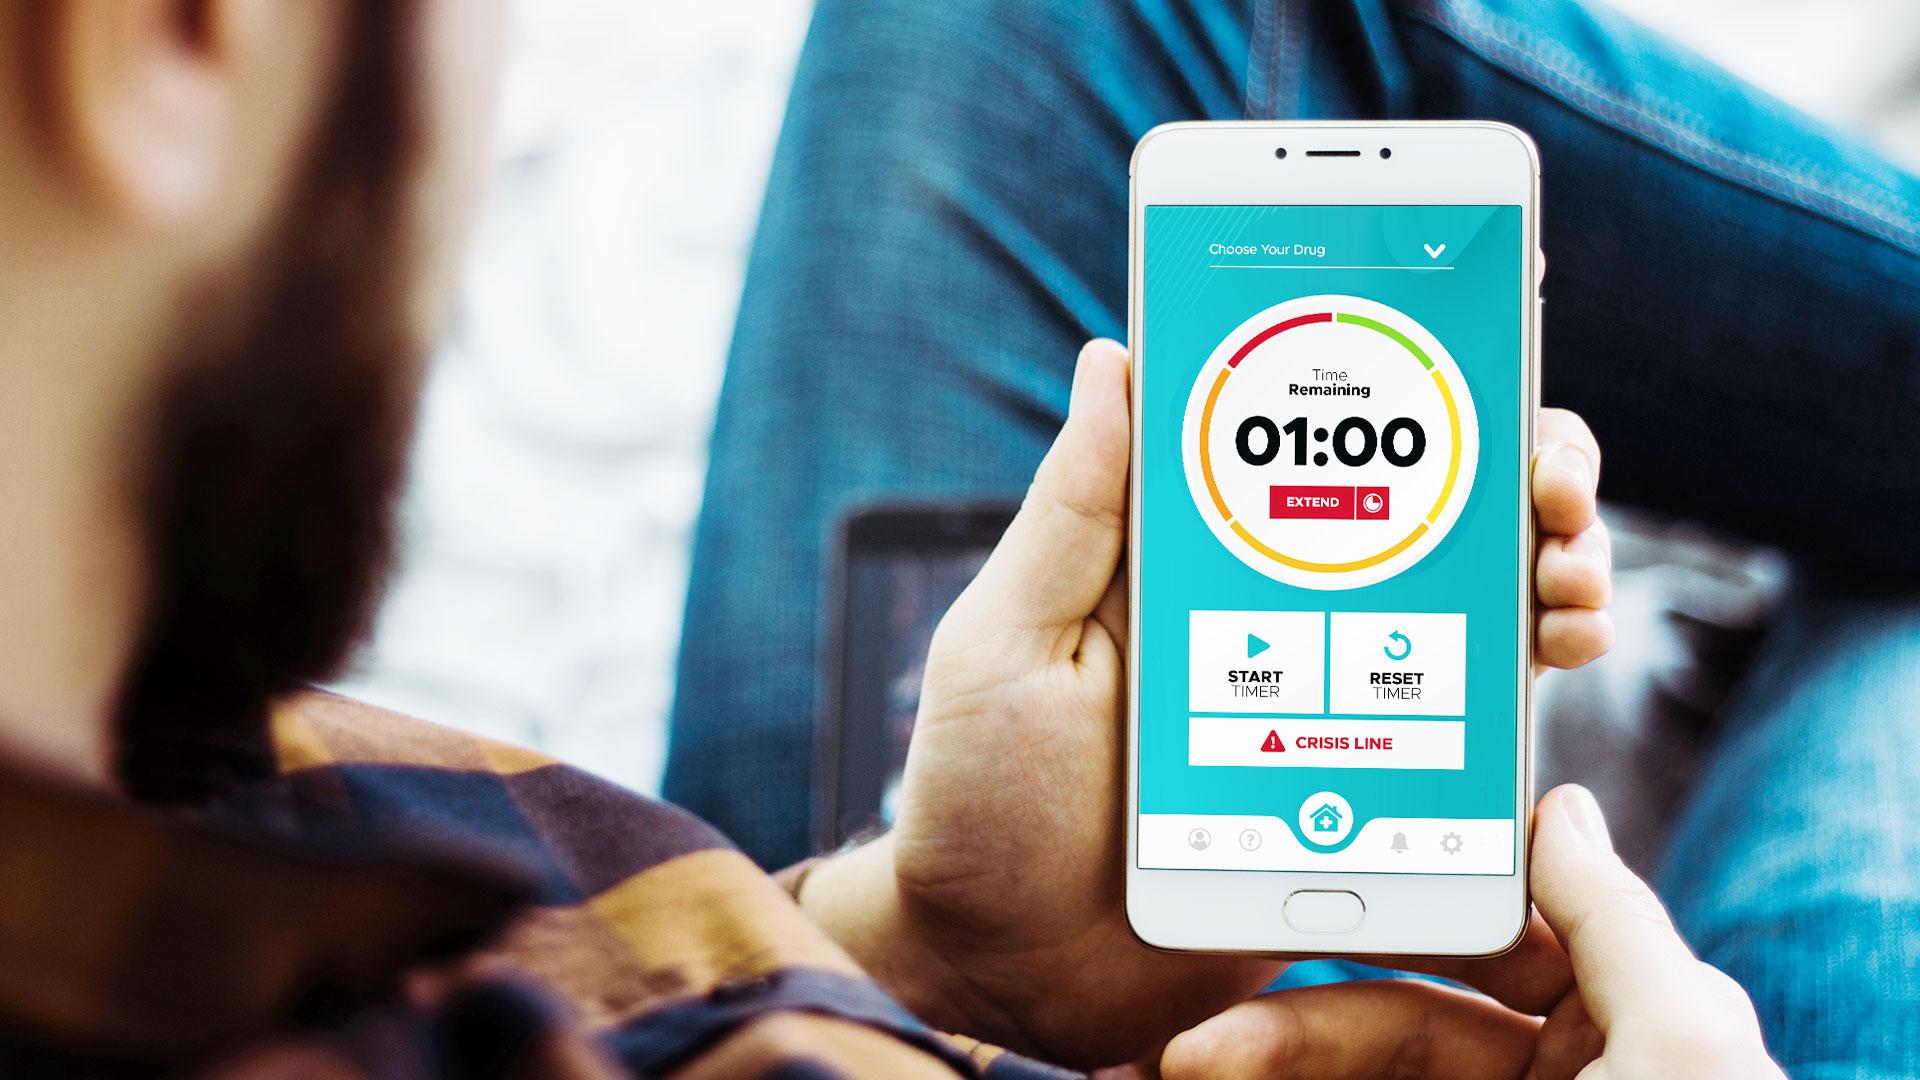 Lifeguard App Adds More Life-Saving Features